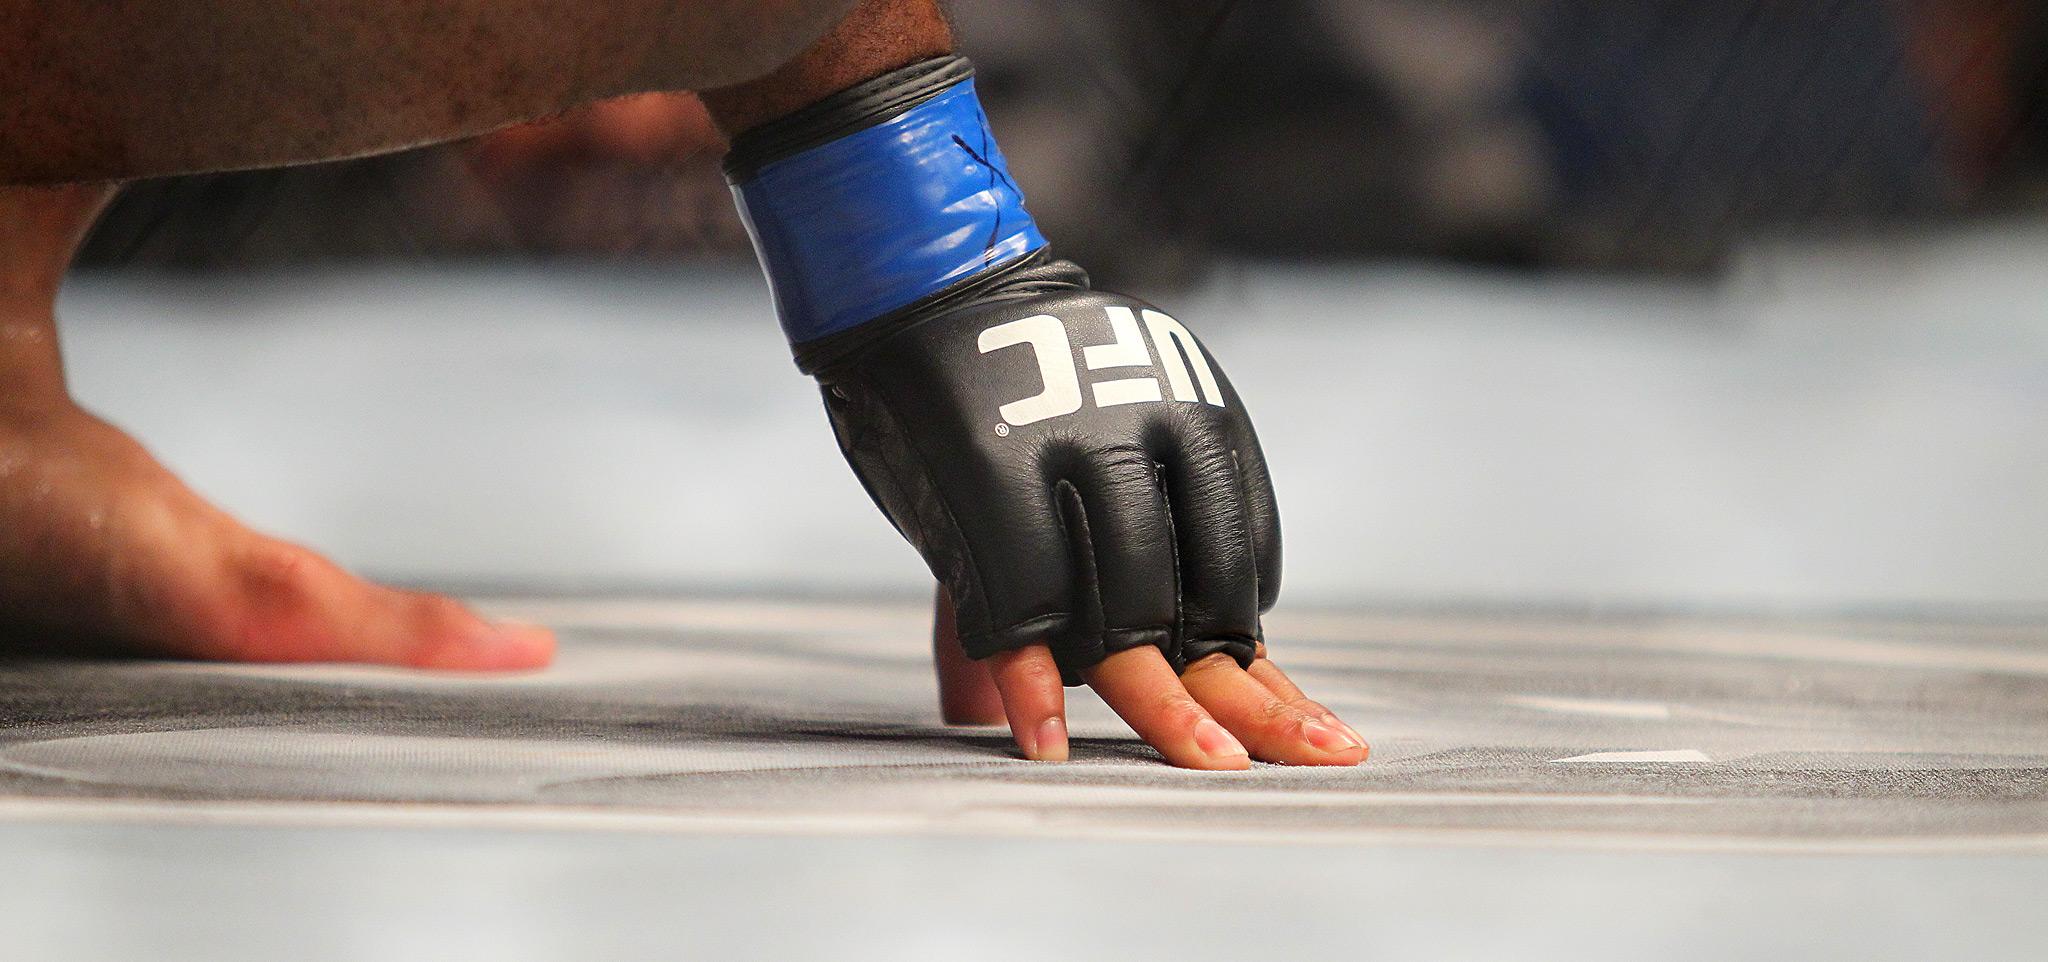 Feel The Glove